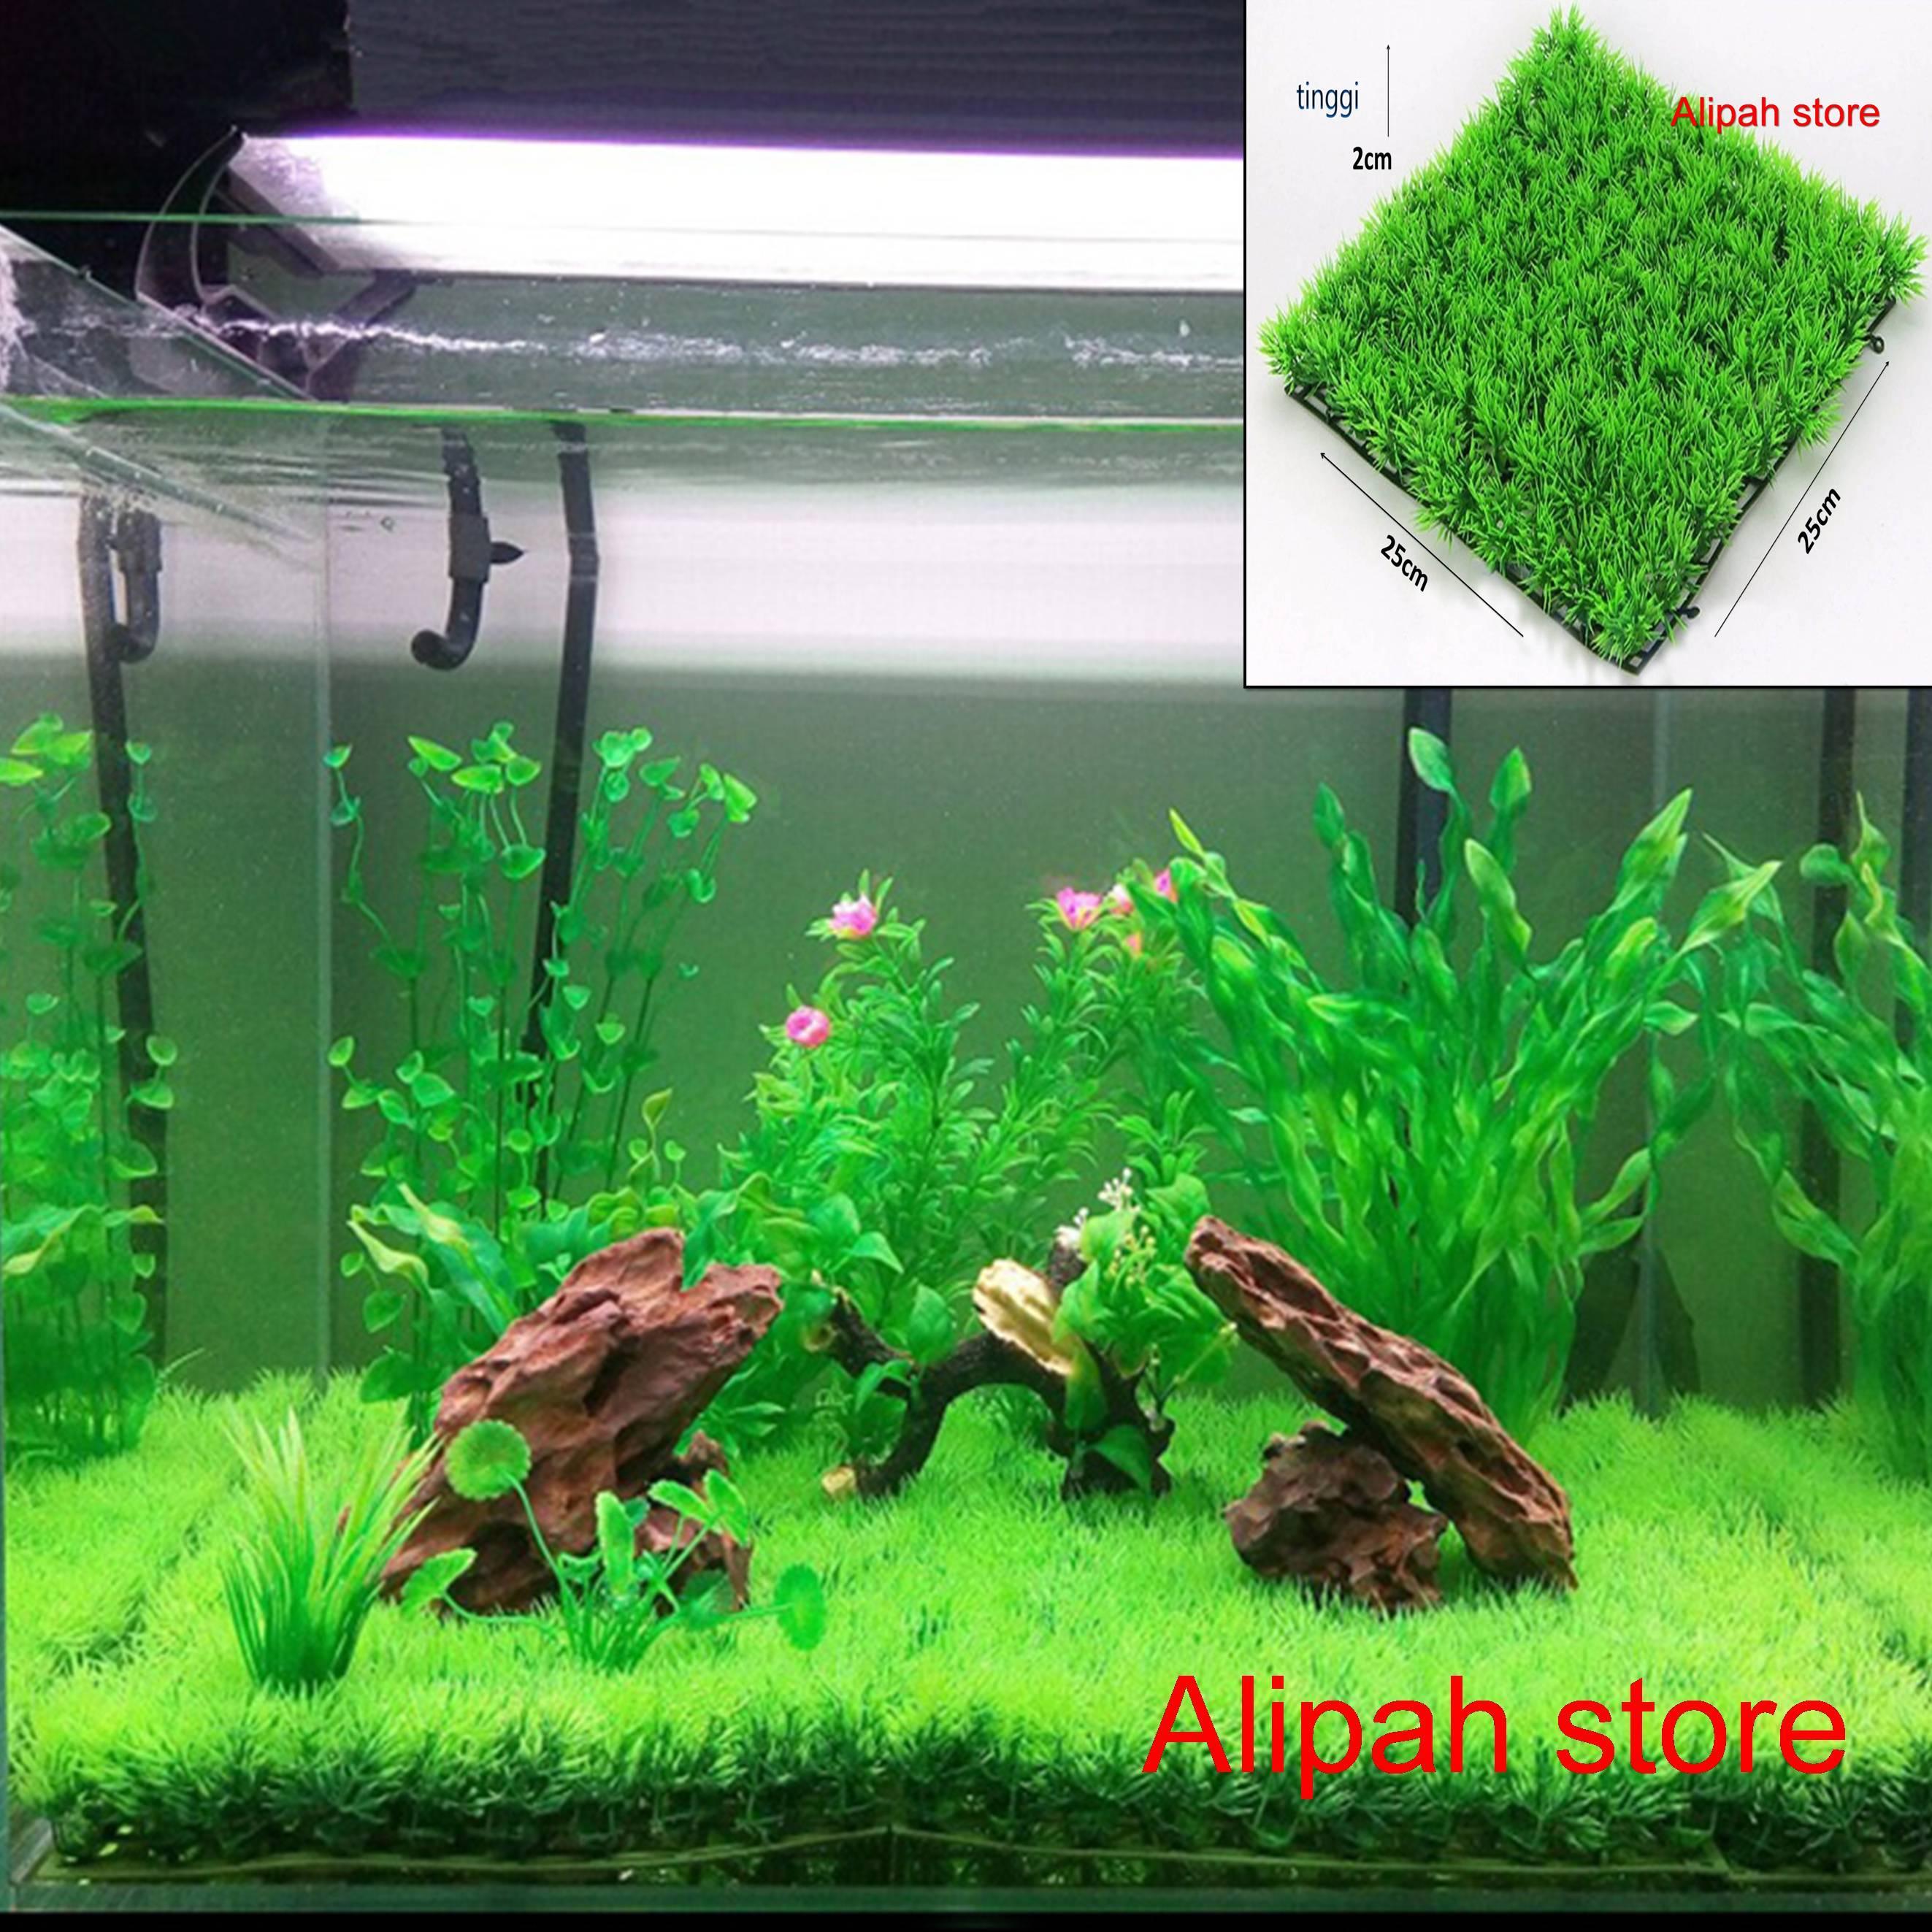 Rumput Sintetis Aquarium Lazada Indonesia Rumput sintetis untuk aquarium